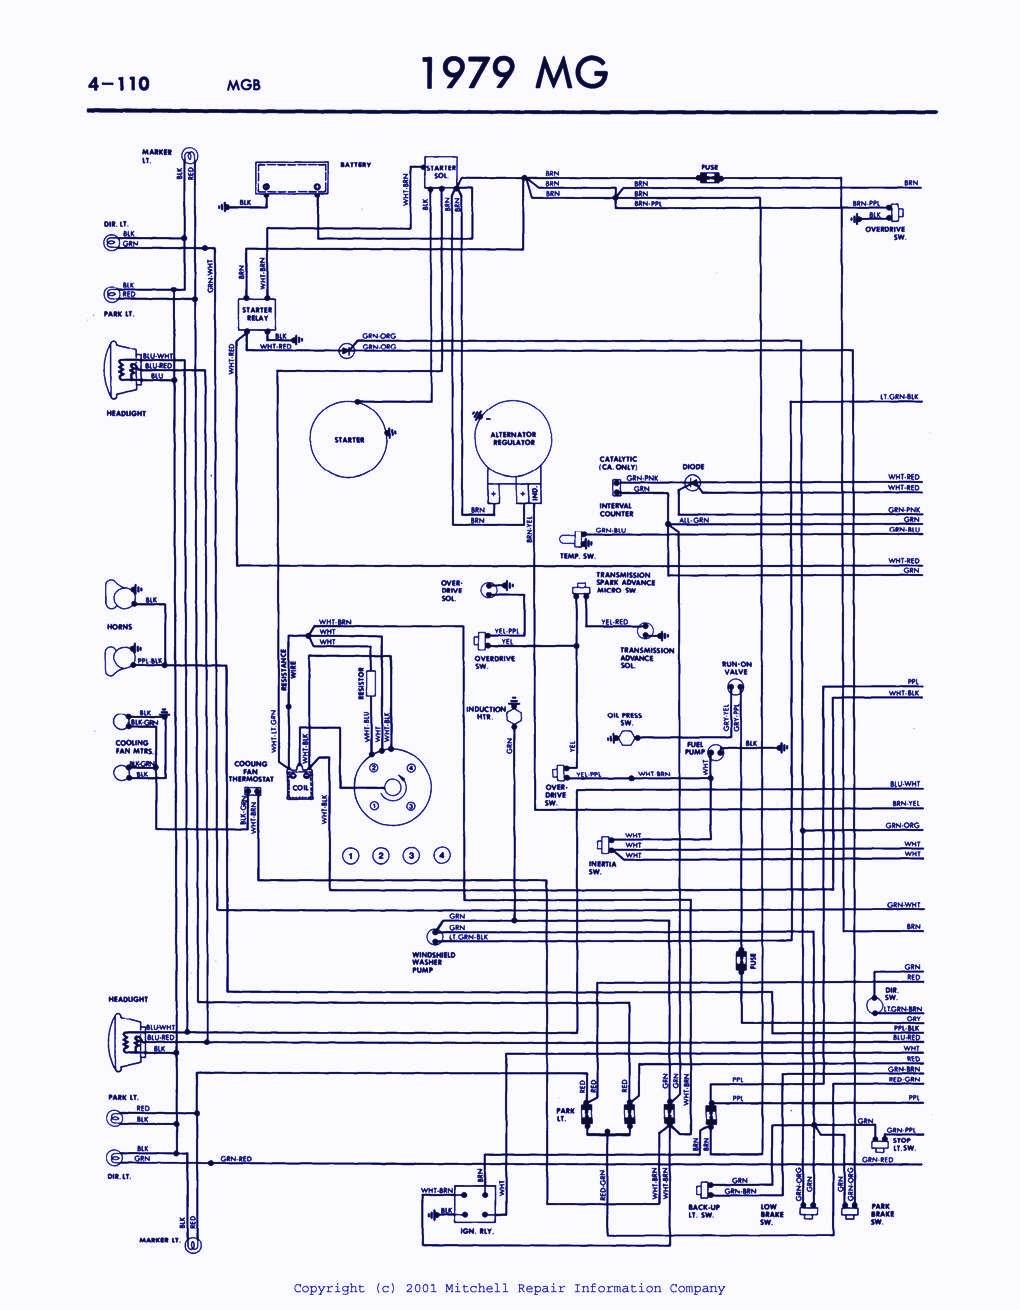 1976 mgb engine diagram wiring diagram yer mgb engine parts diagram 1976 mgb engine diagram wiring [ 1020 x 1310 Pixel ]